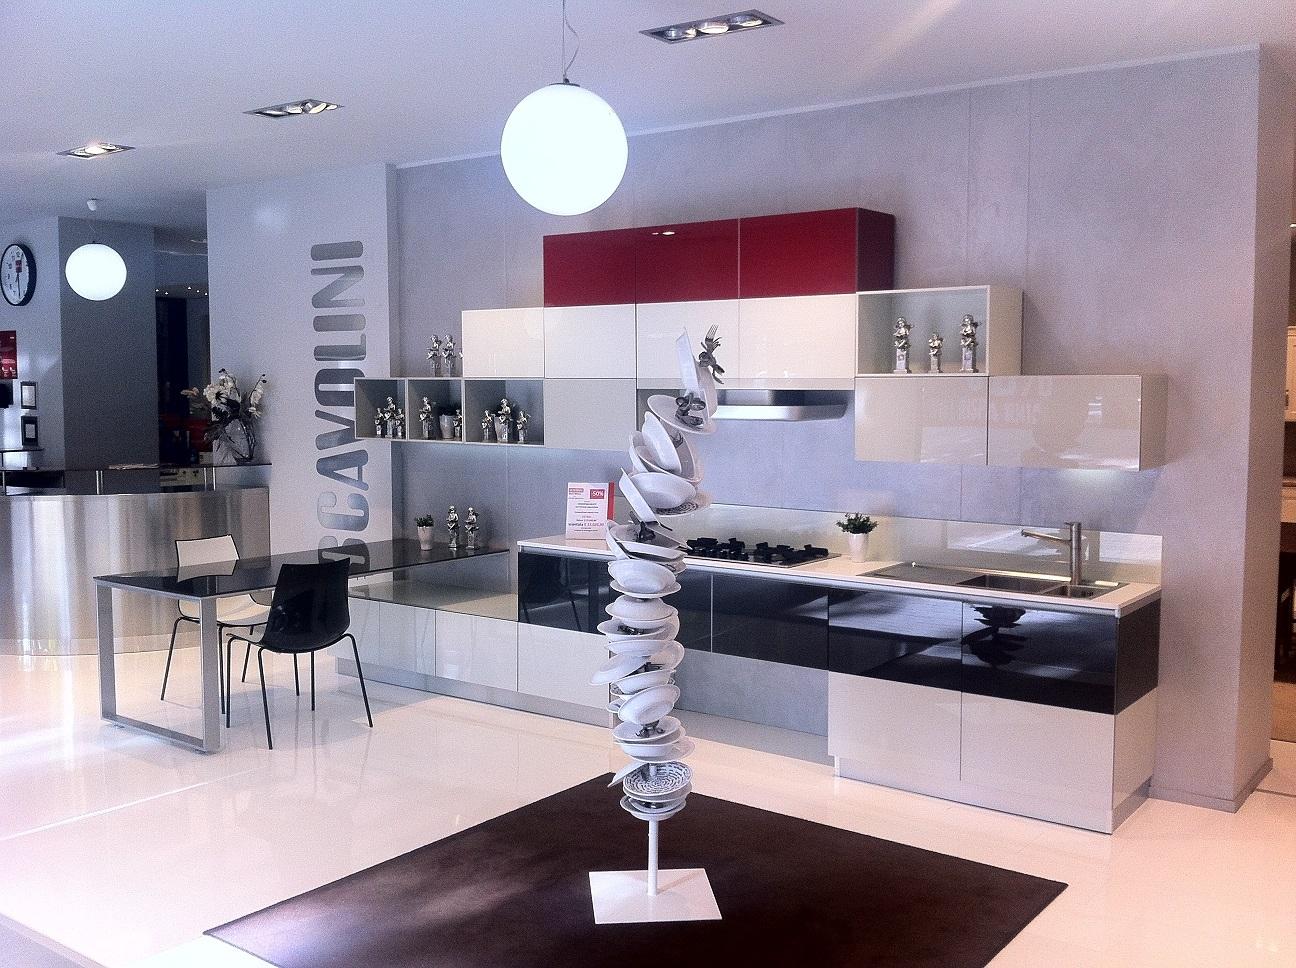 Scavolini offertissima mod tetrix cucine a prezzi scontati - Costi cucine scavolini ...